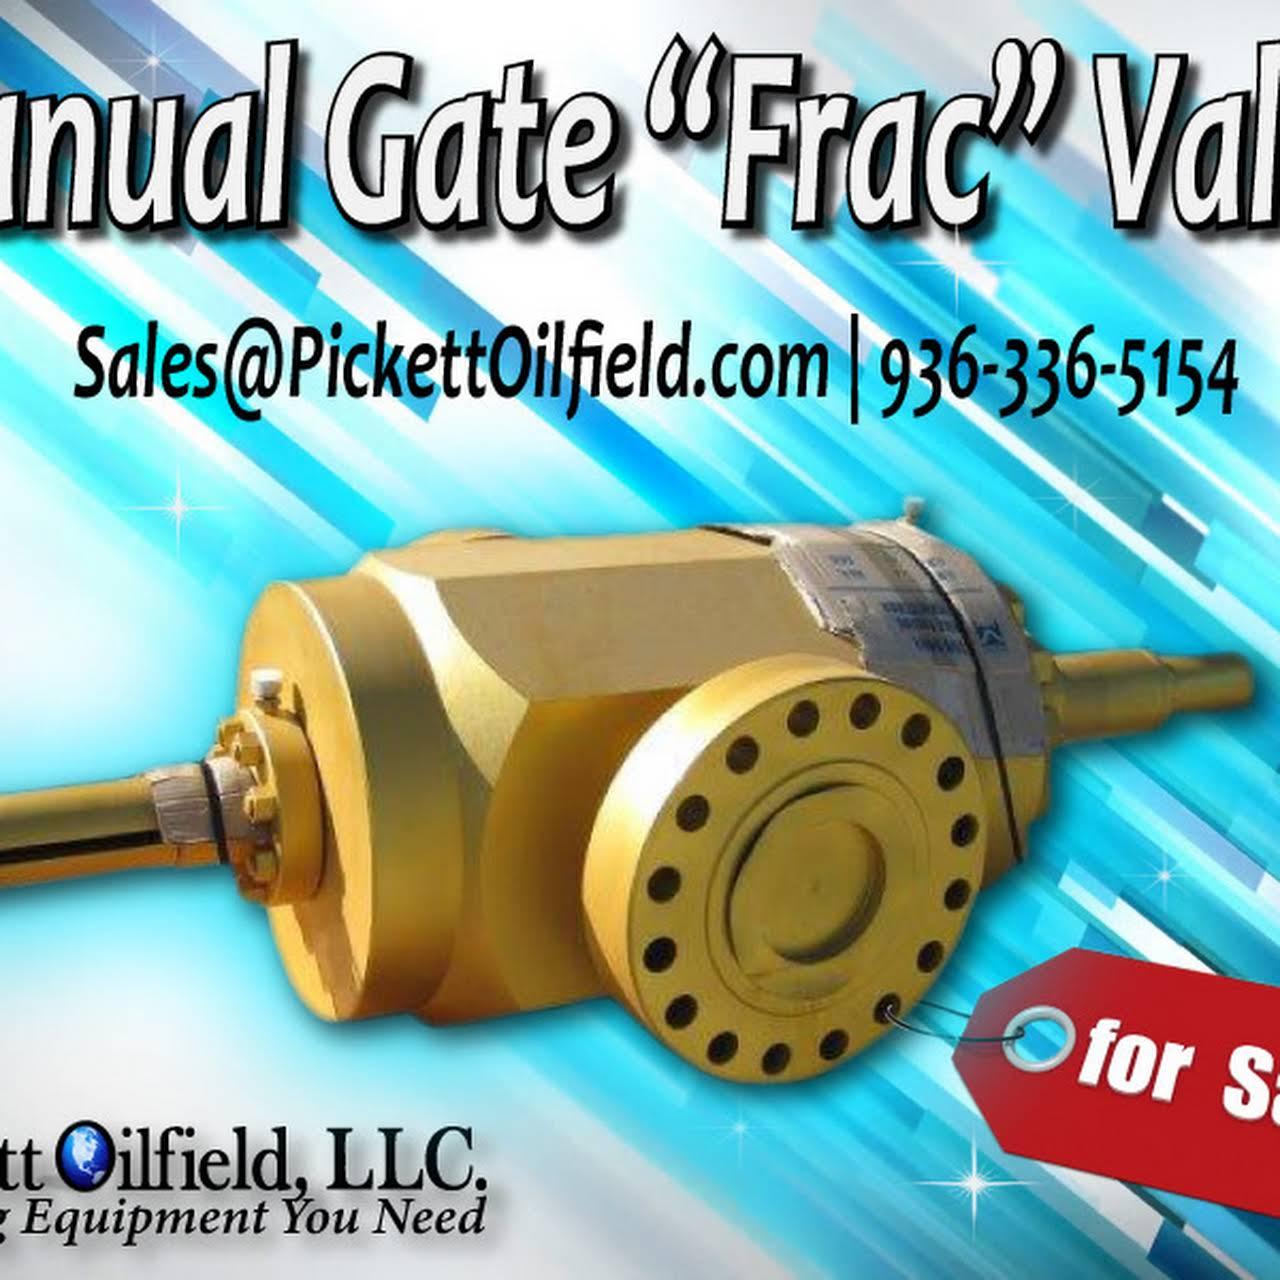 Pickett Oilfield LLC - Corporate Office in Liberty